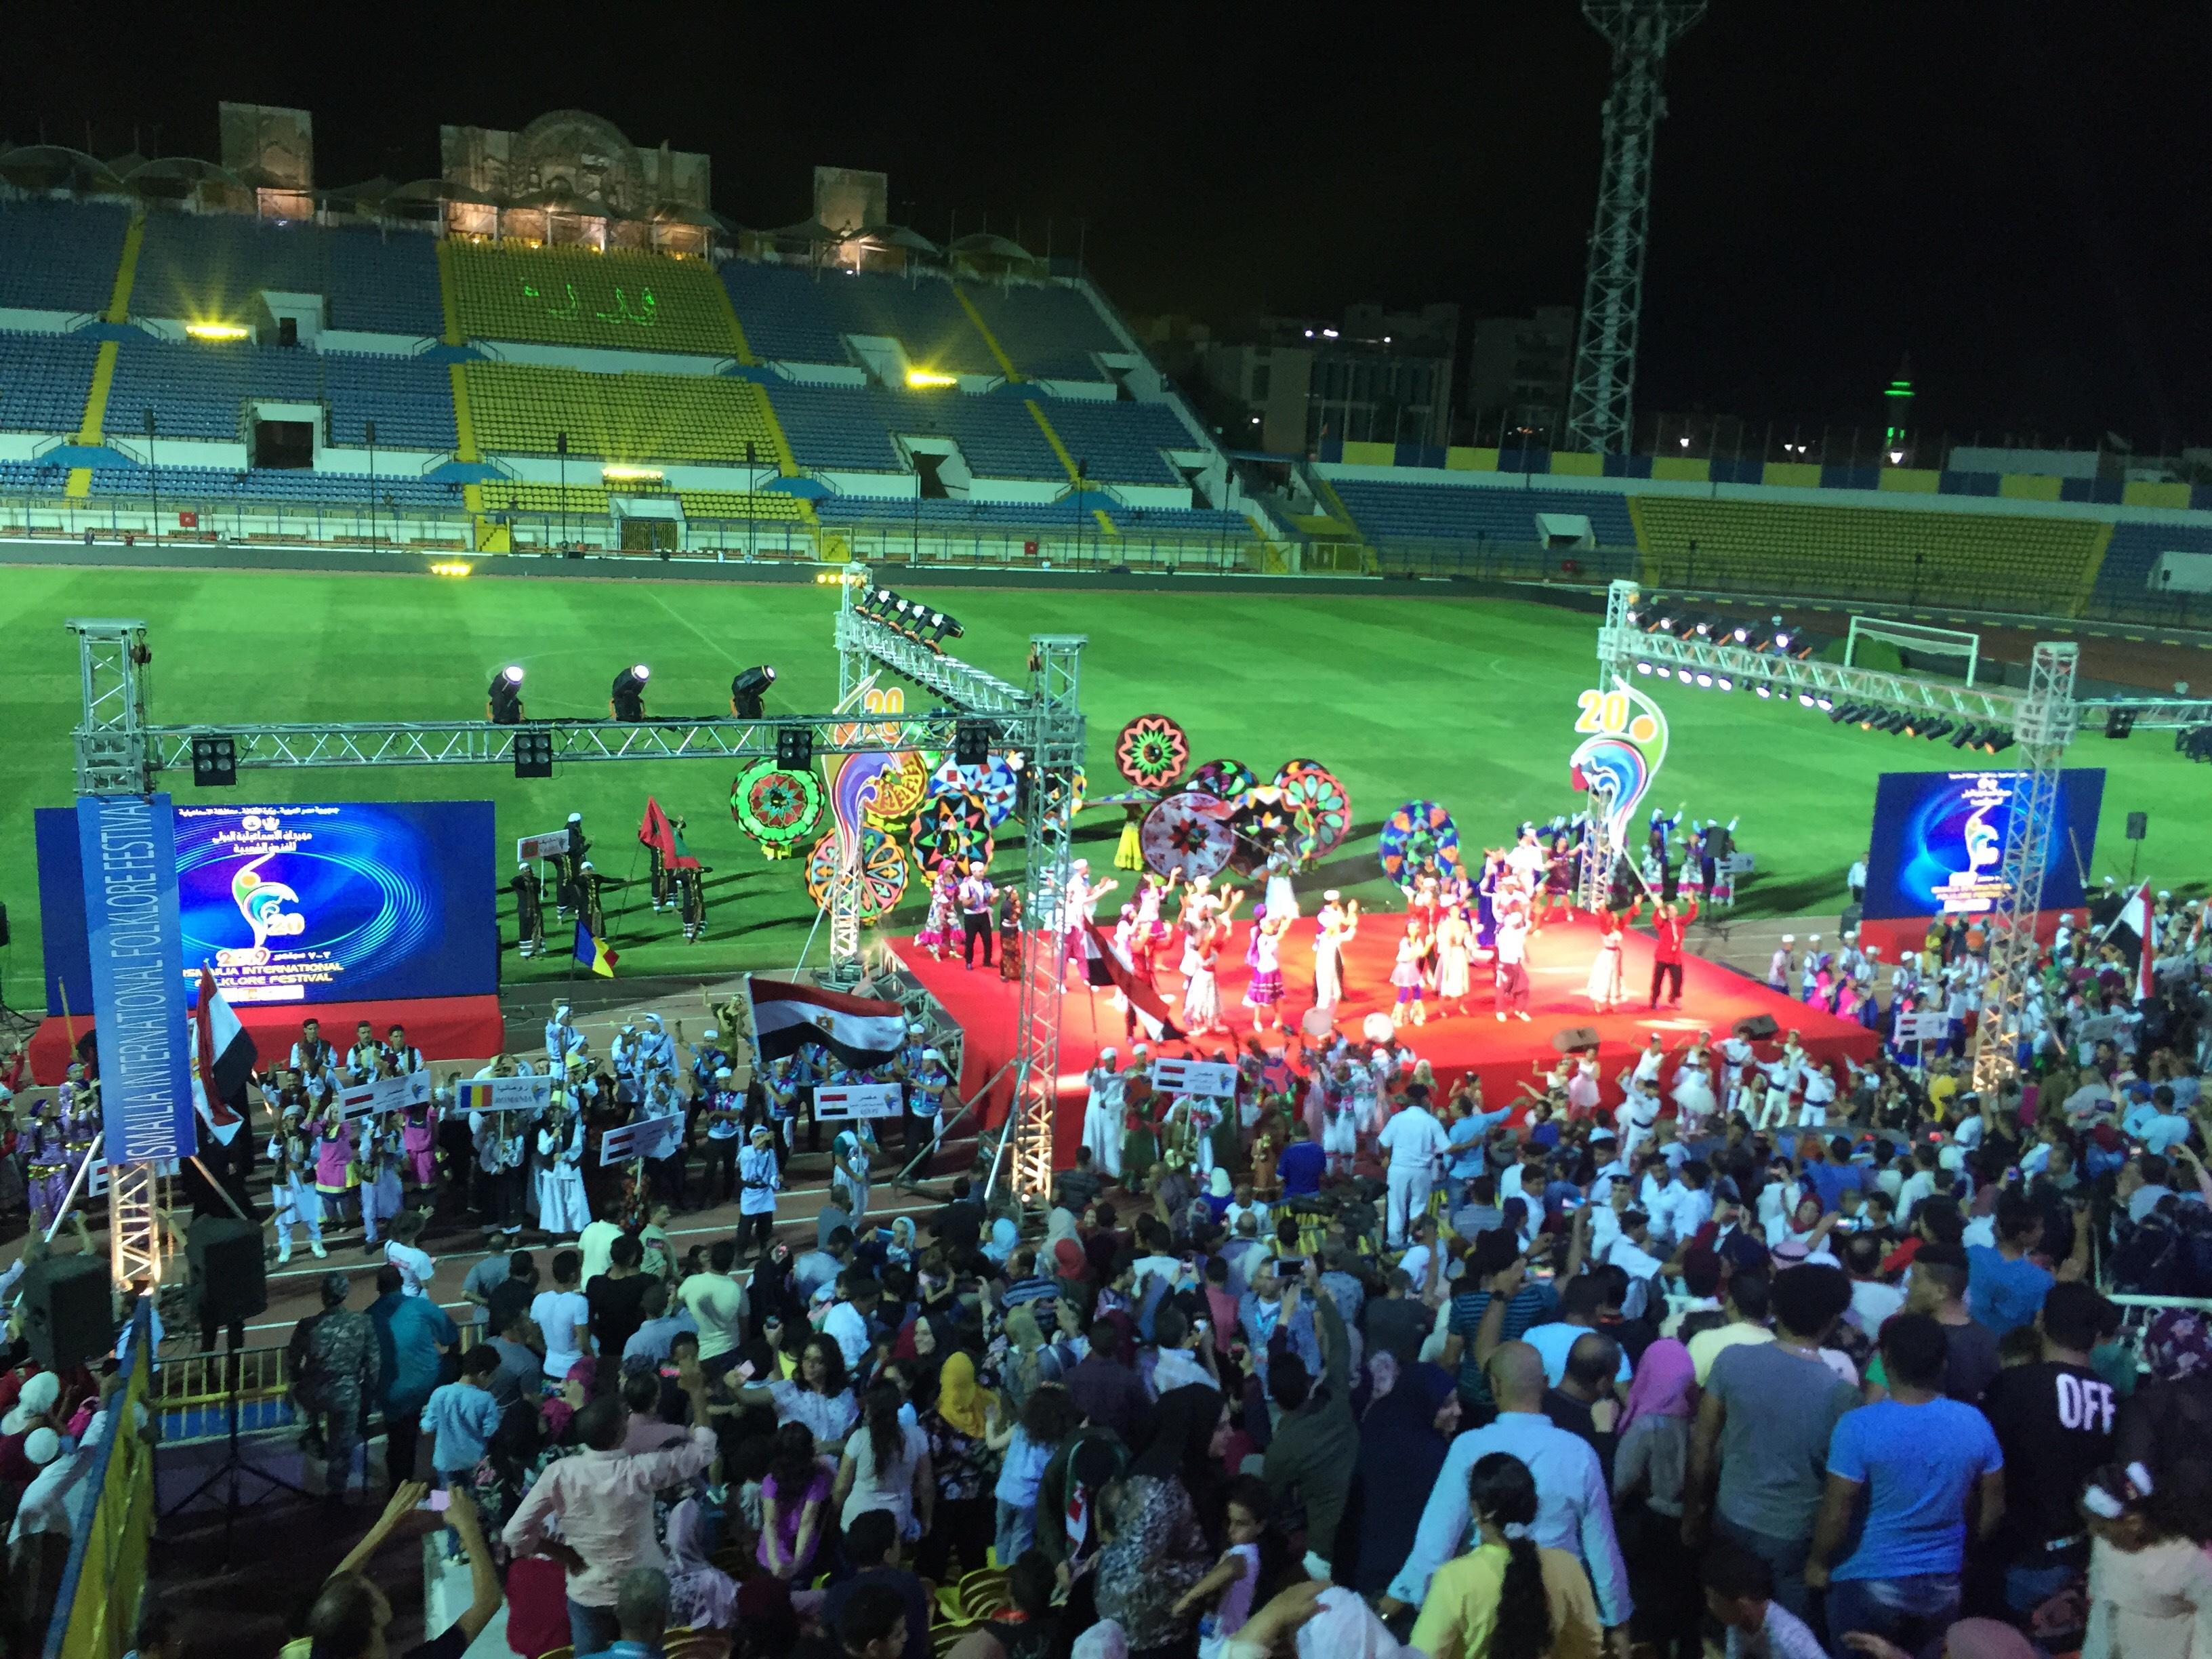 مهرجان الإسماعيلية الدولى العشرين للفنون الشعبية (12)